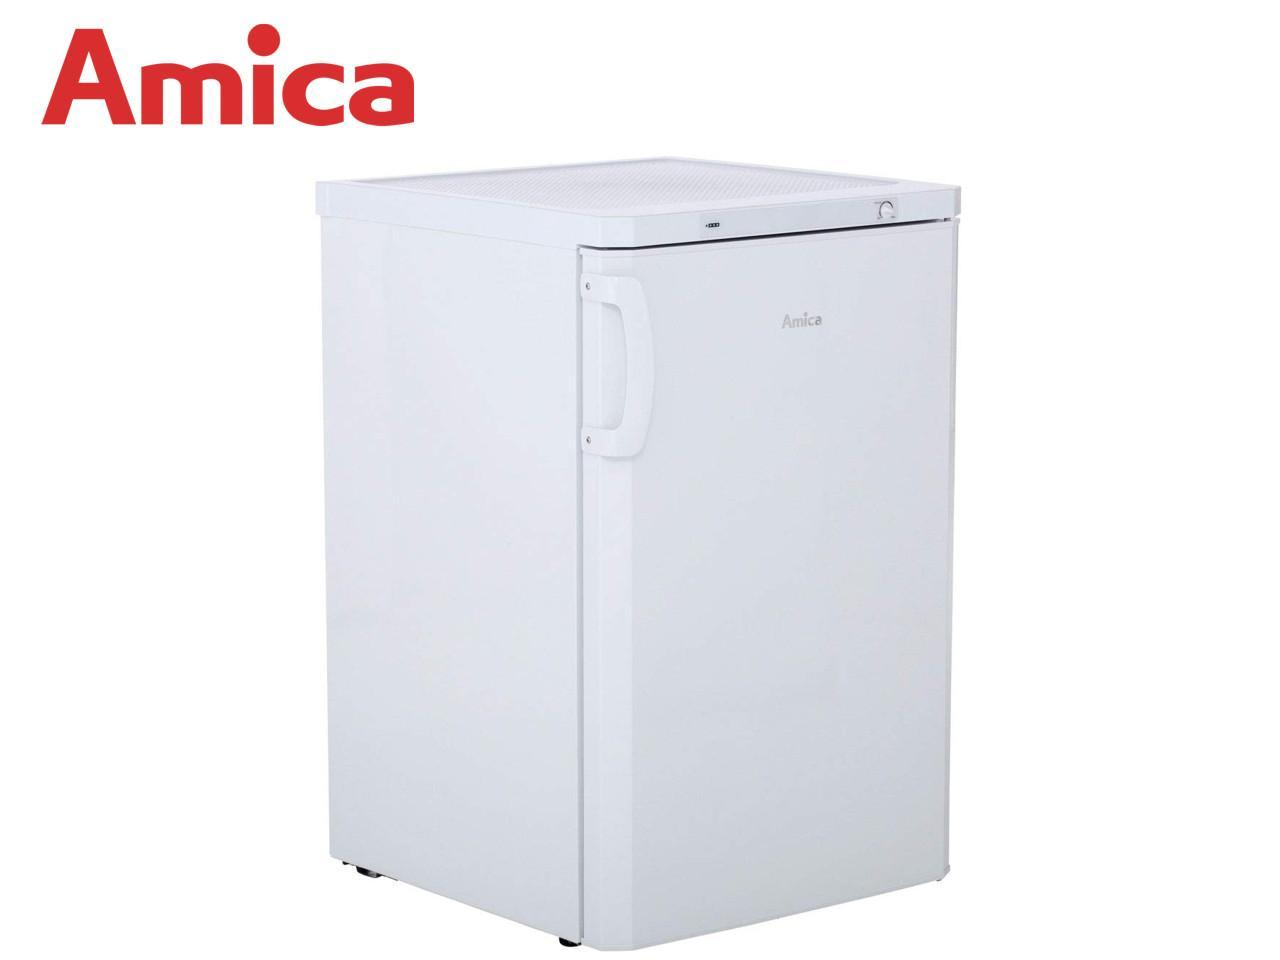 AMICA GS 15198 W + 200 Kč na dárky nebo další nákup | CHAT on-line podpora PO-PÁ 8-22.00!!